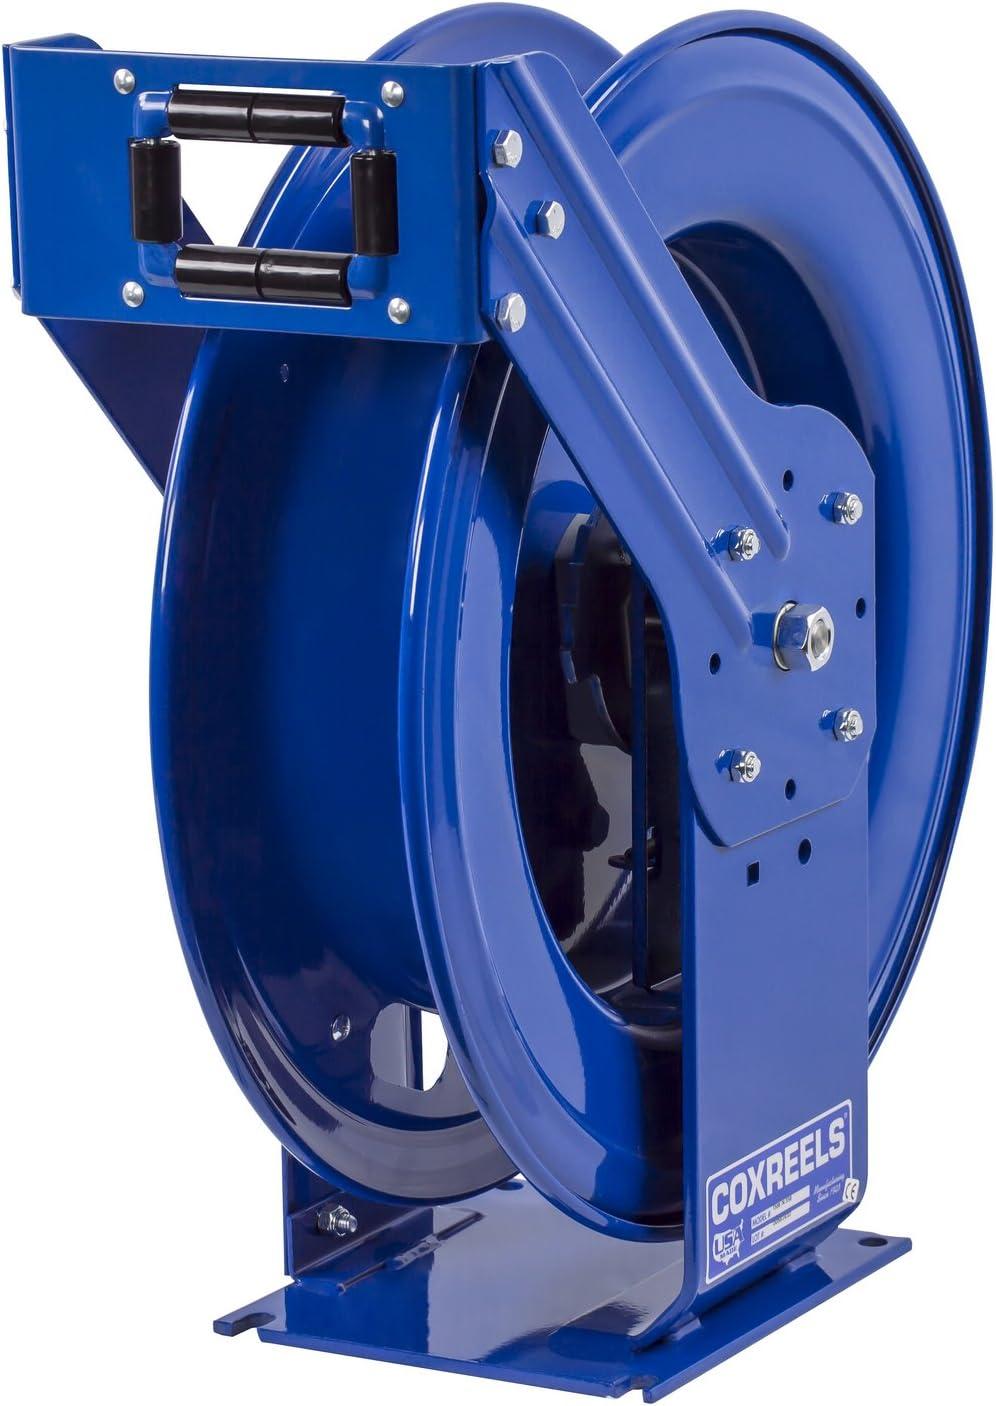 50 hose 300 PSI less hose Coxreels EZ-TSHL-450-BBX Safety Series Spring Rewind Hose Reel for DEF applications: 1//2 I.D.